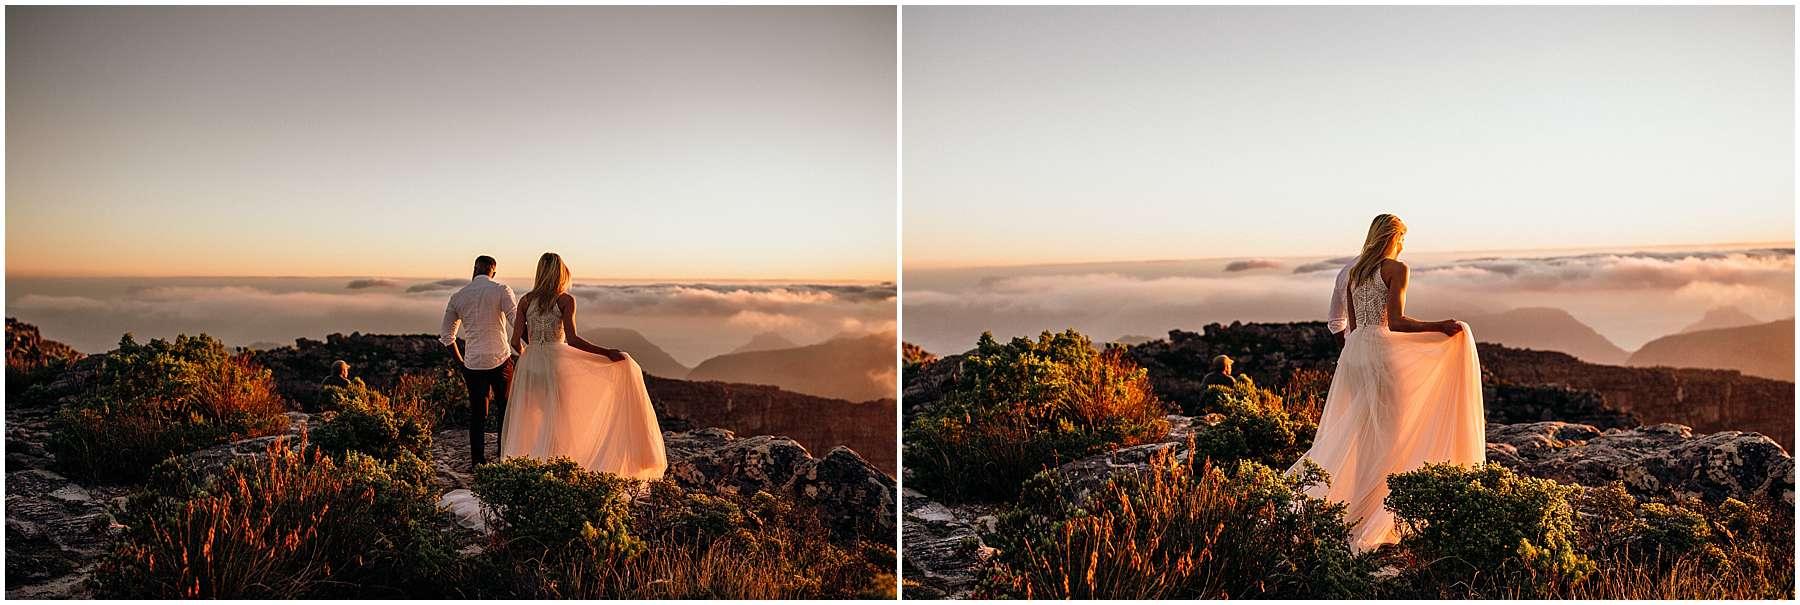 LOTTYH-South-Africa-Elopement-Photographer_0026.jpg